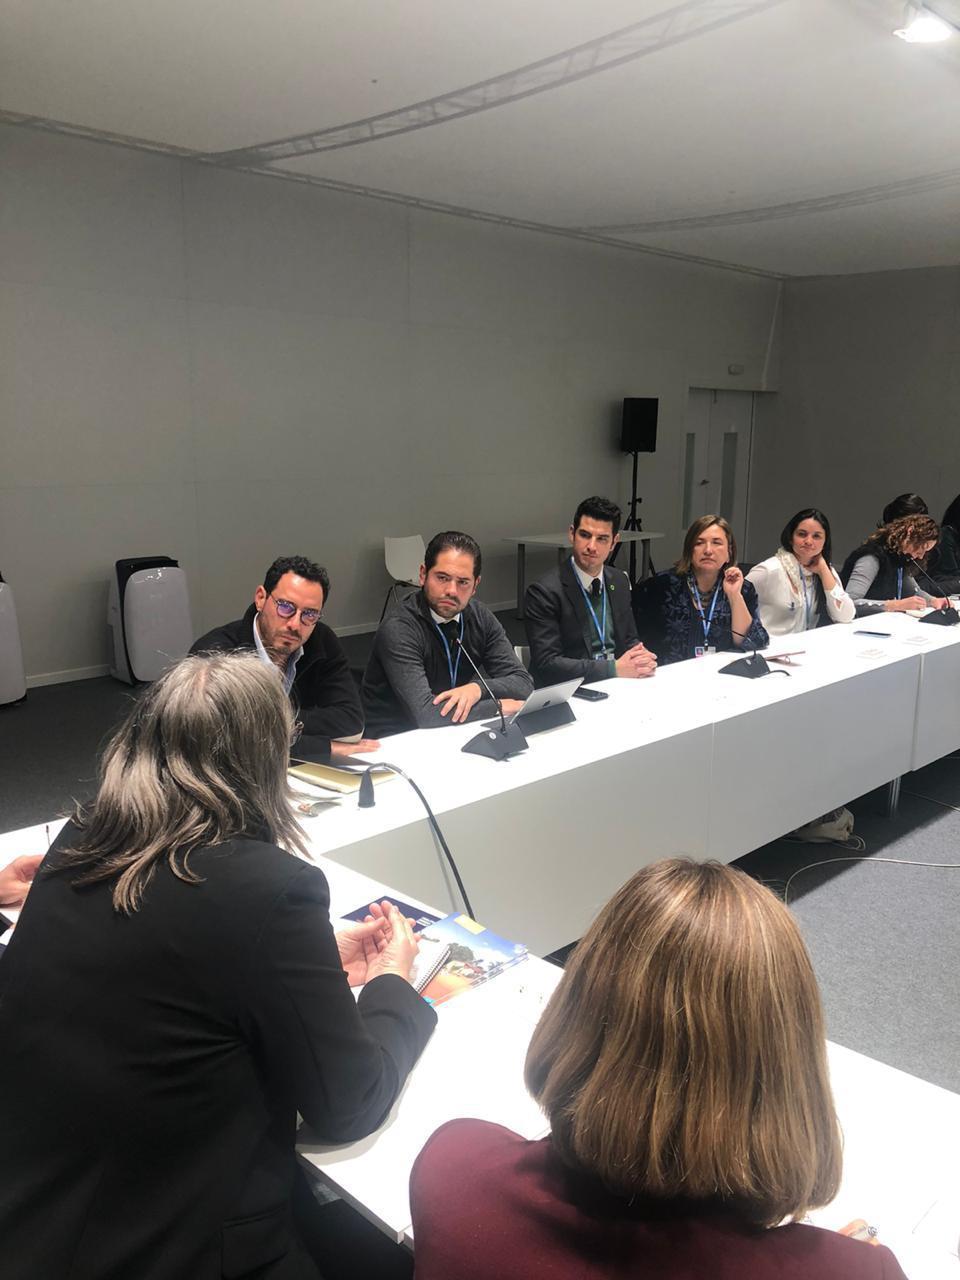 Protección de medio ambiente, prioridad en la agenda climática: Raúl Bolaños Cacho Cué